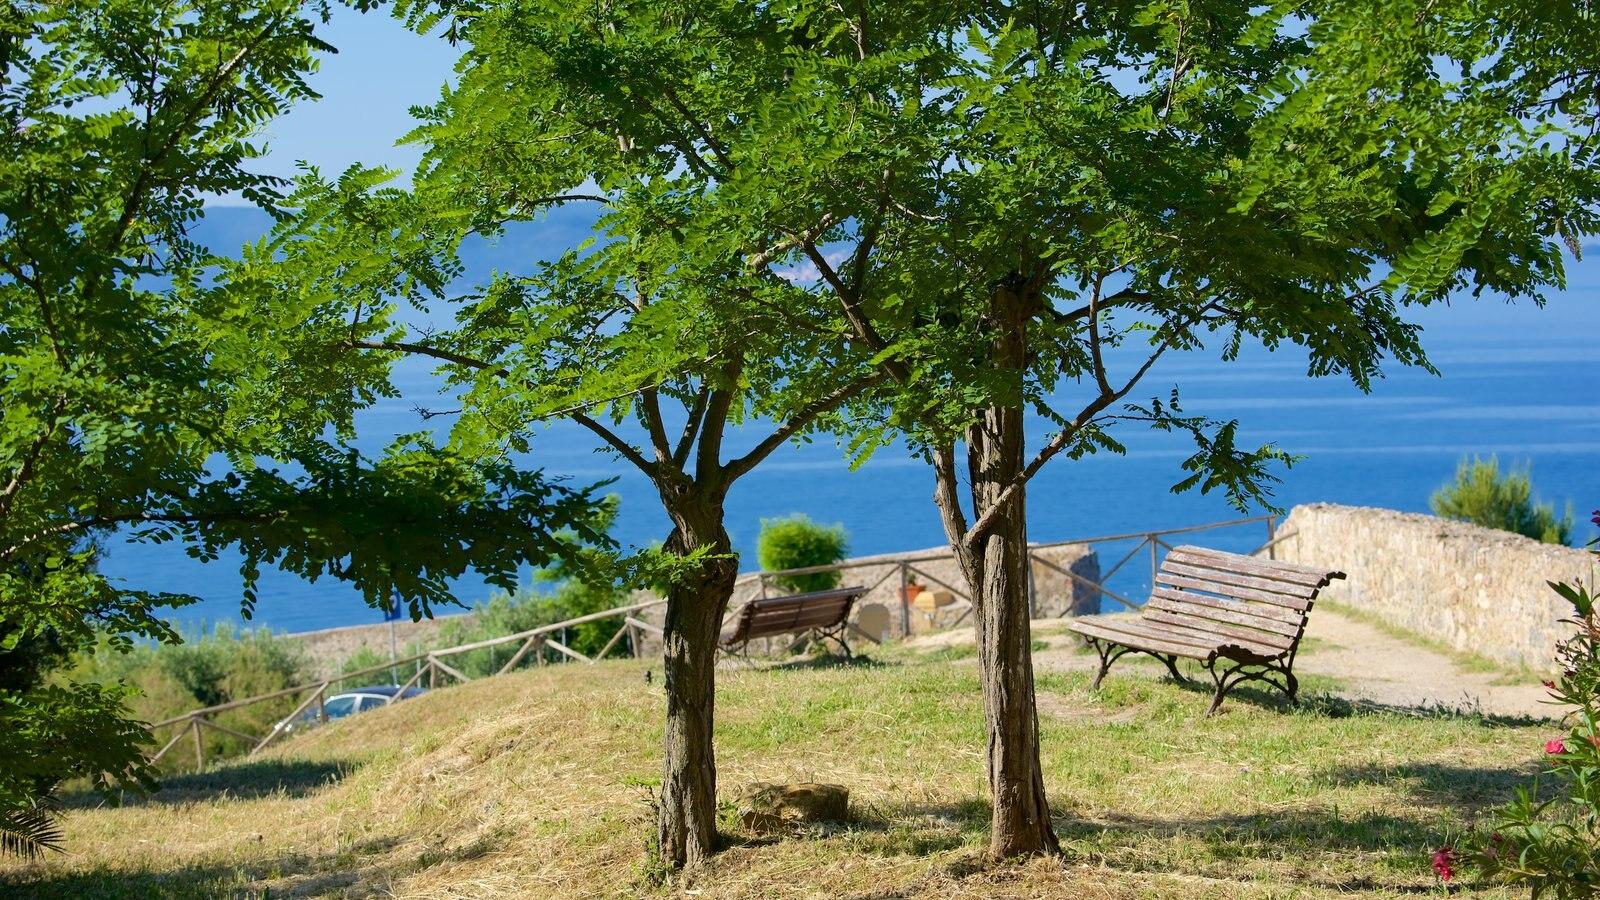 Talamone mostrando uma cidade litorânea e paisagens litorâneas